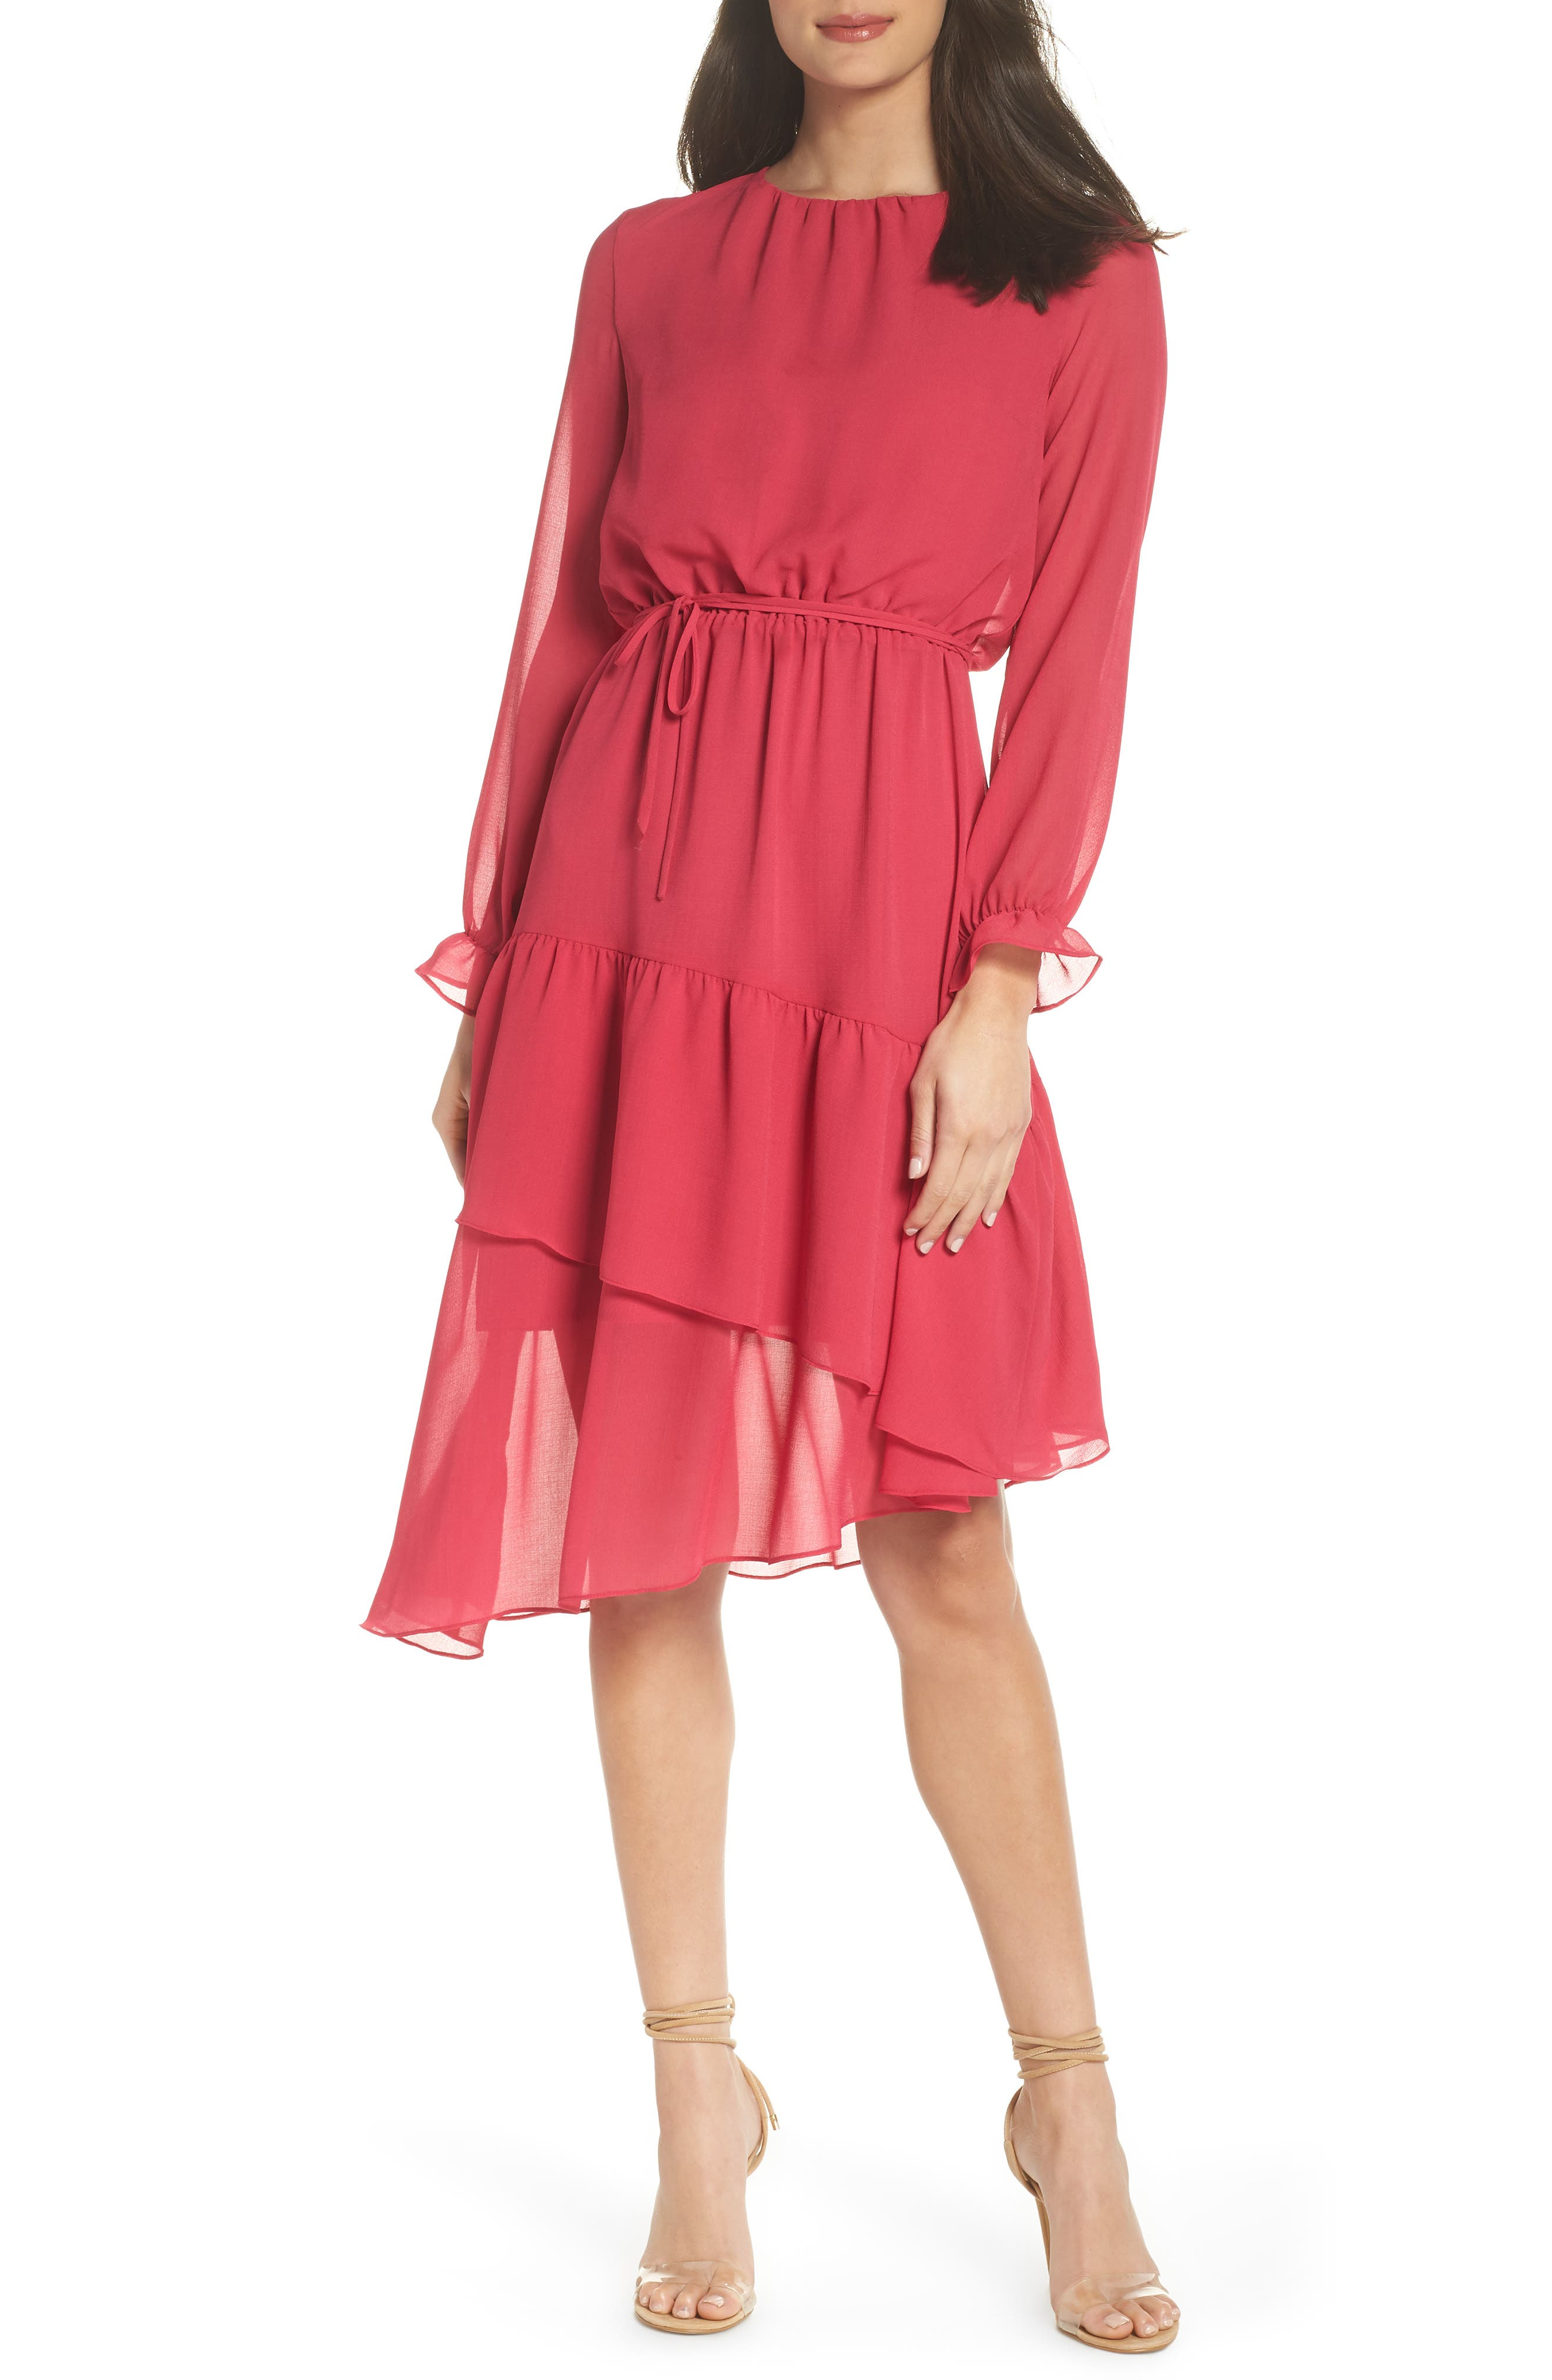 HADLEY ASYMMETRIC CHIFFON DRESS